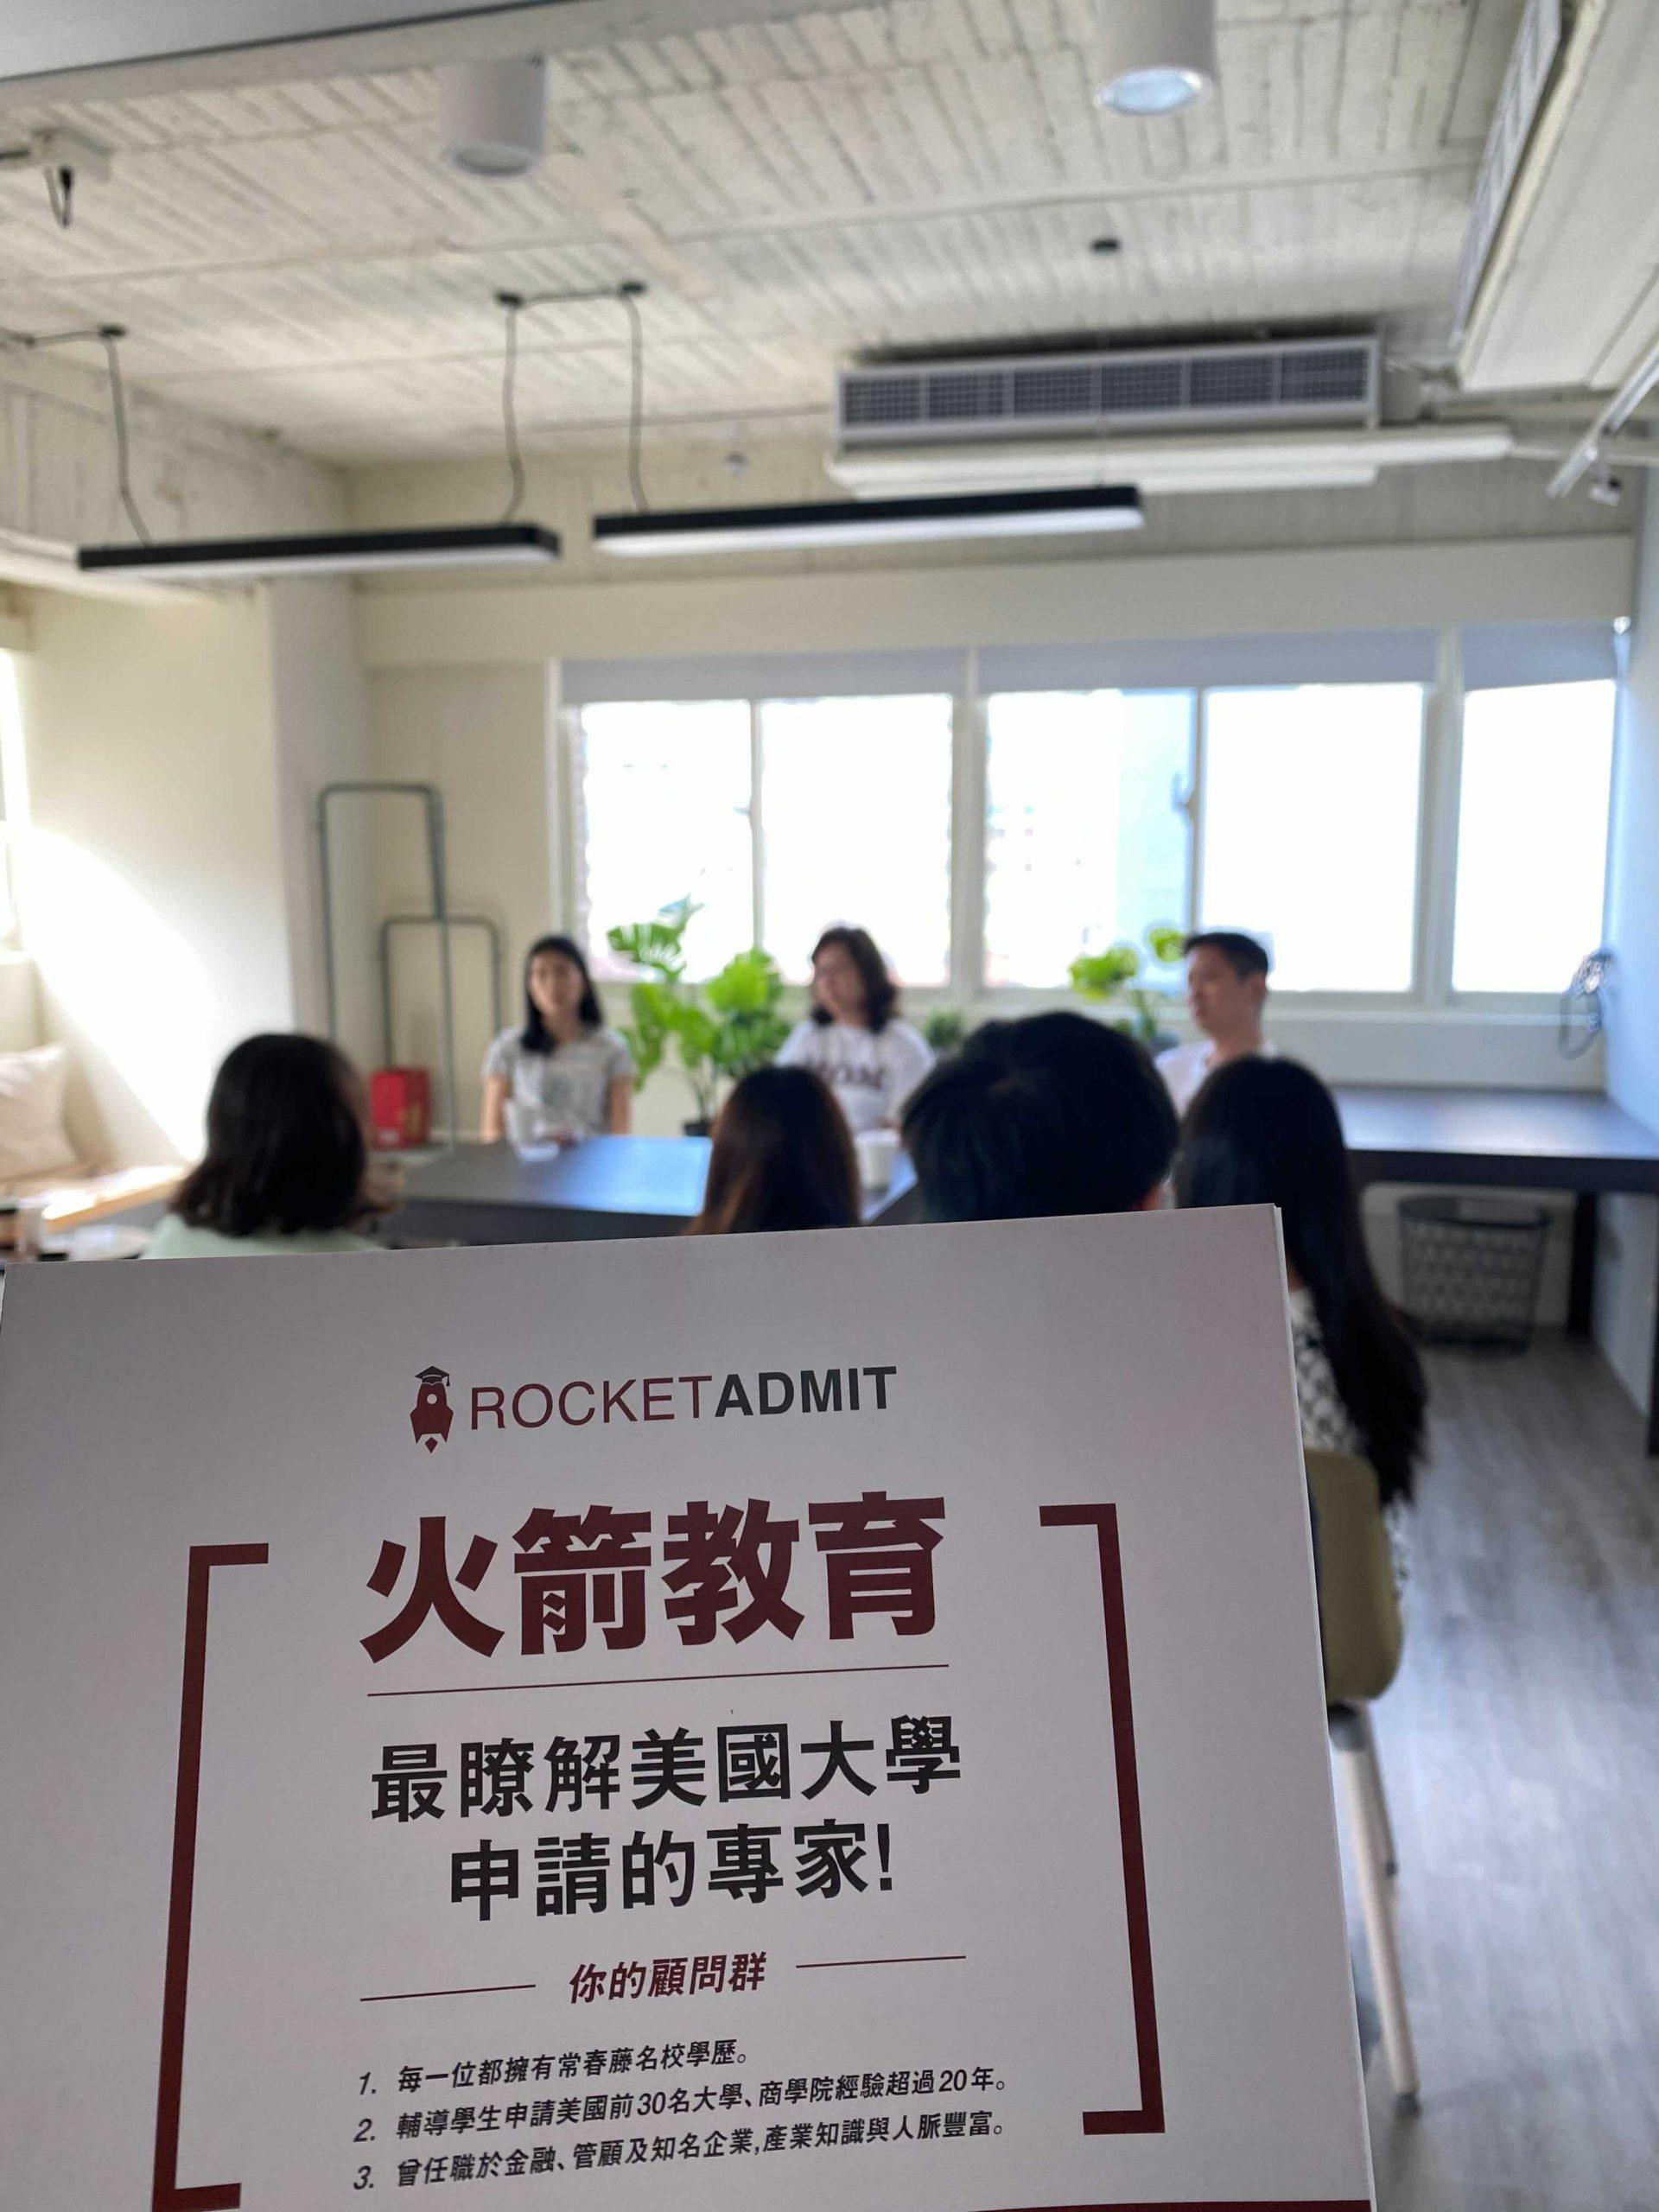 火箭教育講座分享》申請美國大學如何安排課外活動?必看過來人的這幾點建議!